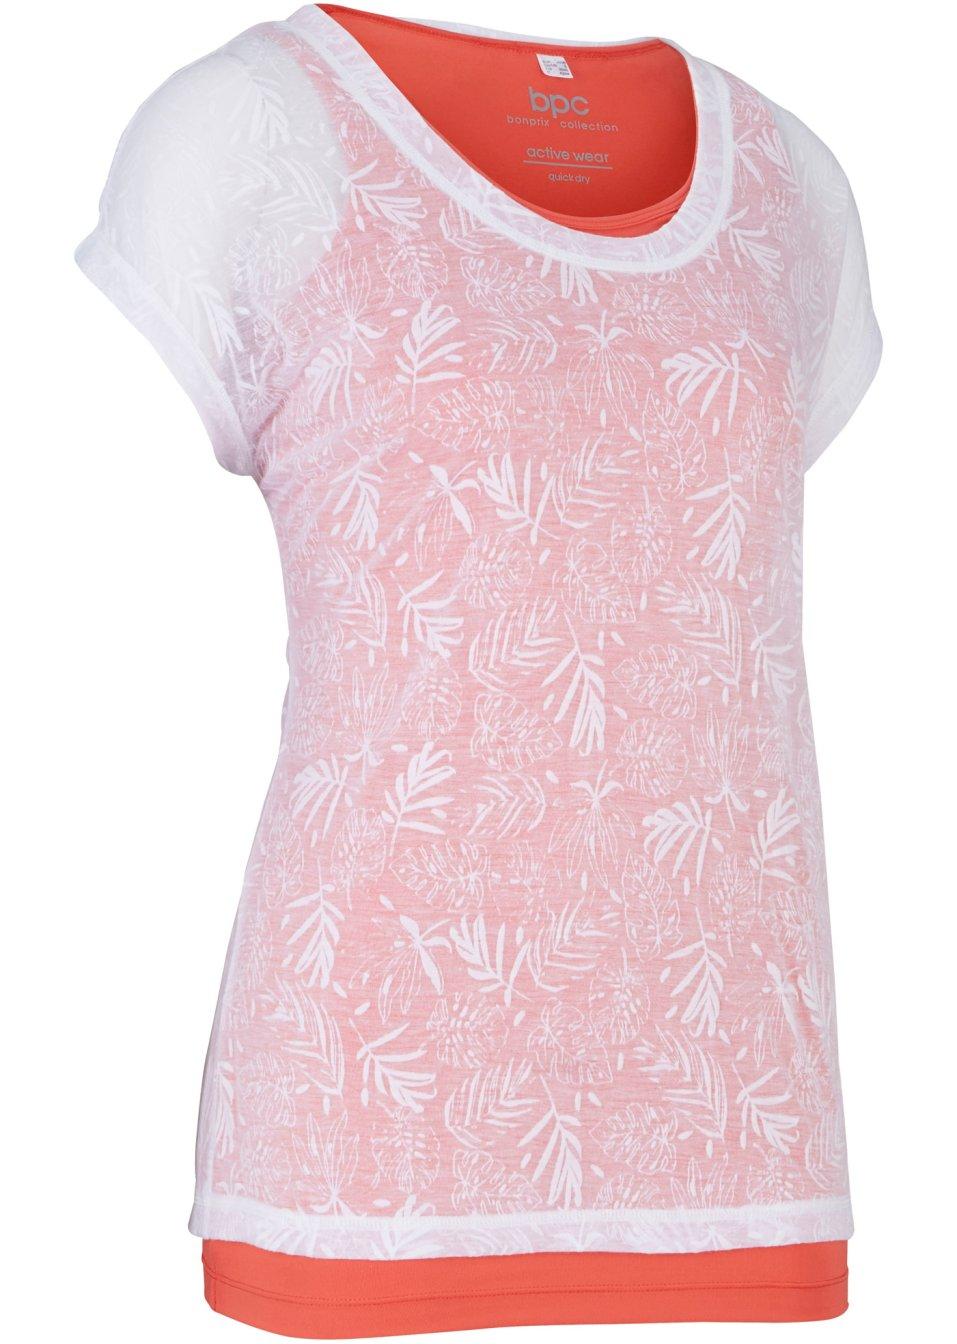 Sommerliches 2 in 1-Sportshirt kurzarm koralle/weiß - Damen - bpc bonprix collection - bonprix.de bkHq4 pBXyw